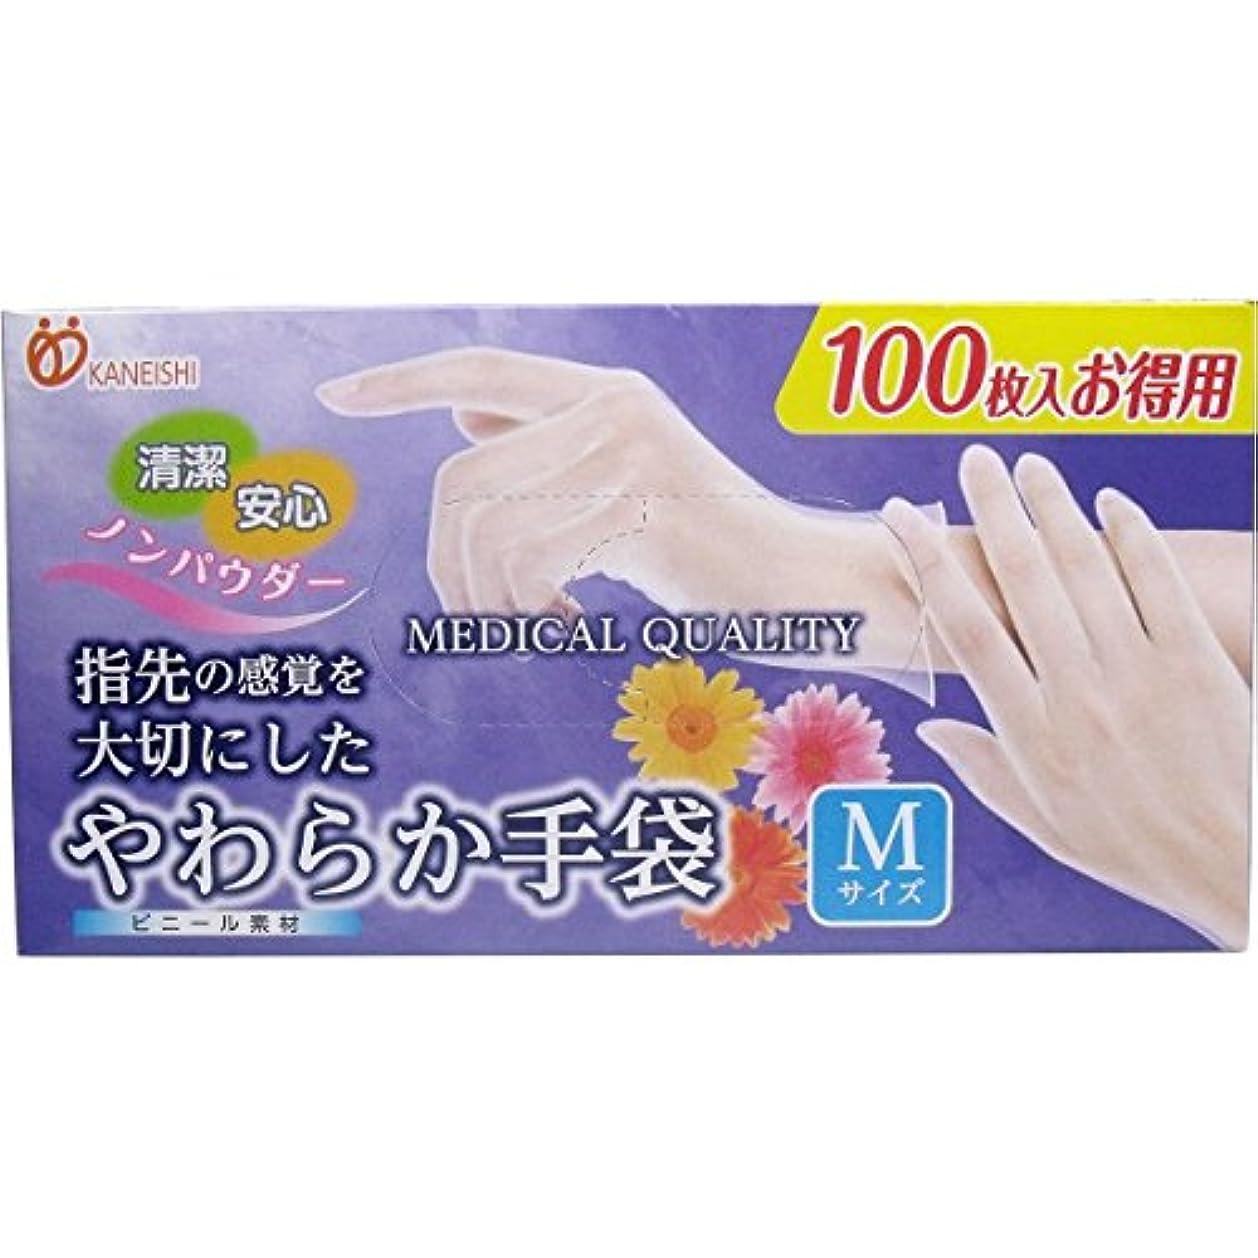 子供時代豆ストリップやわらか手袋 ビニール素材 Mサイズ 100枚入x8